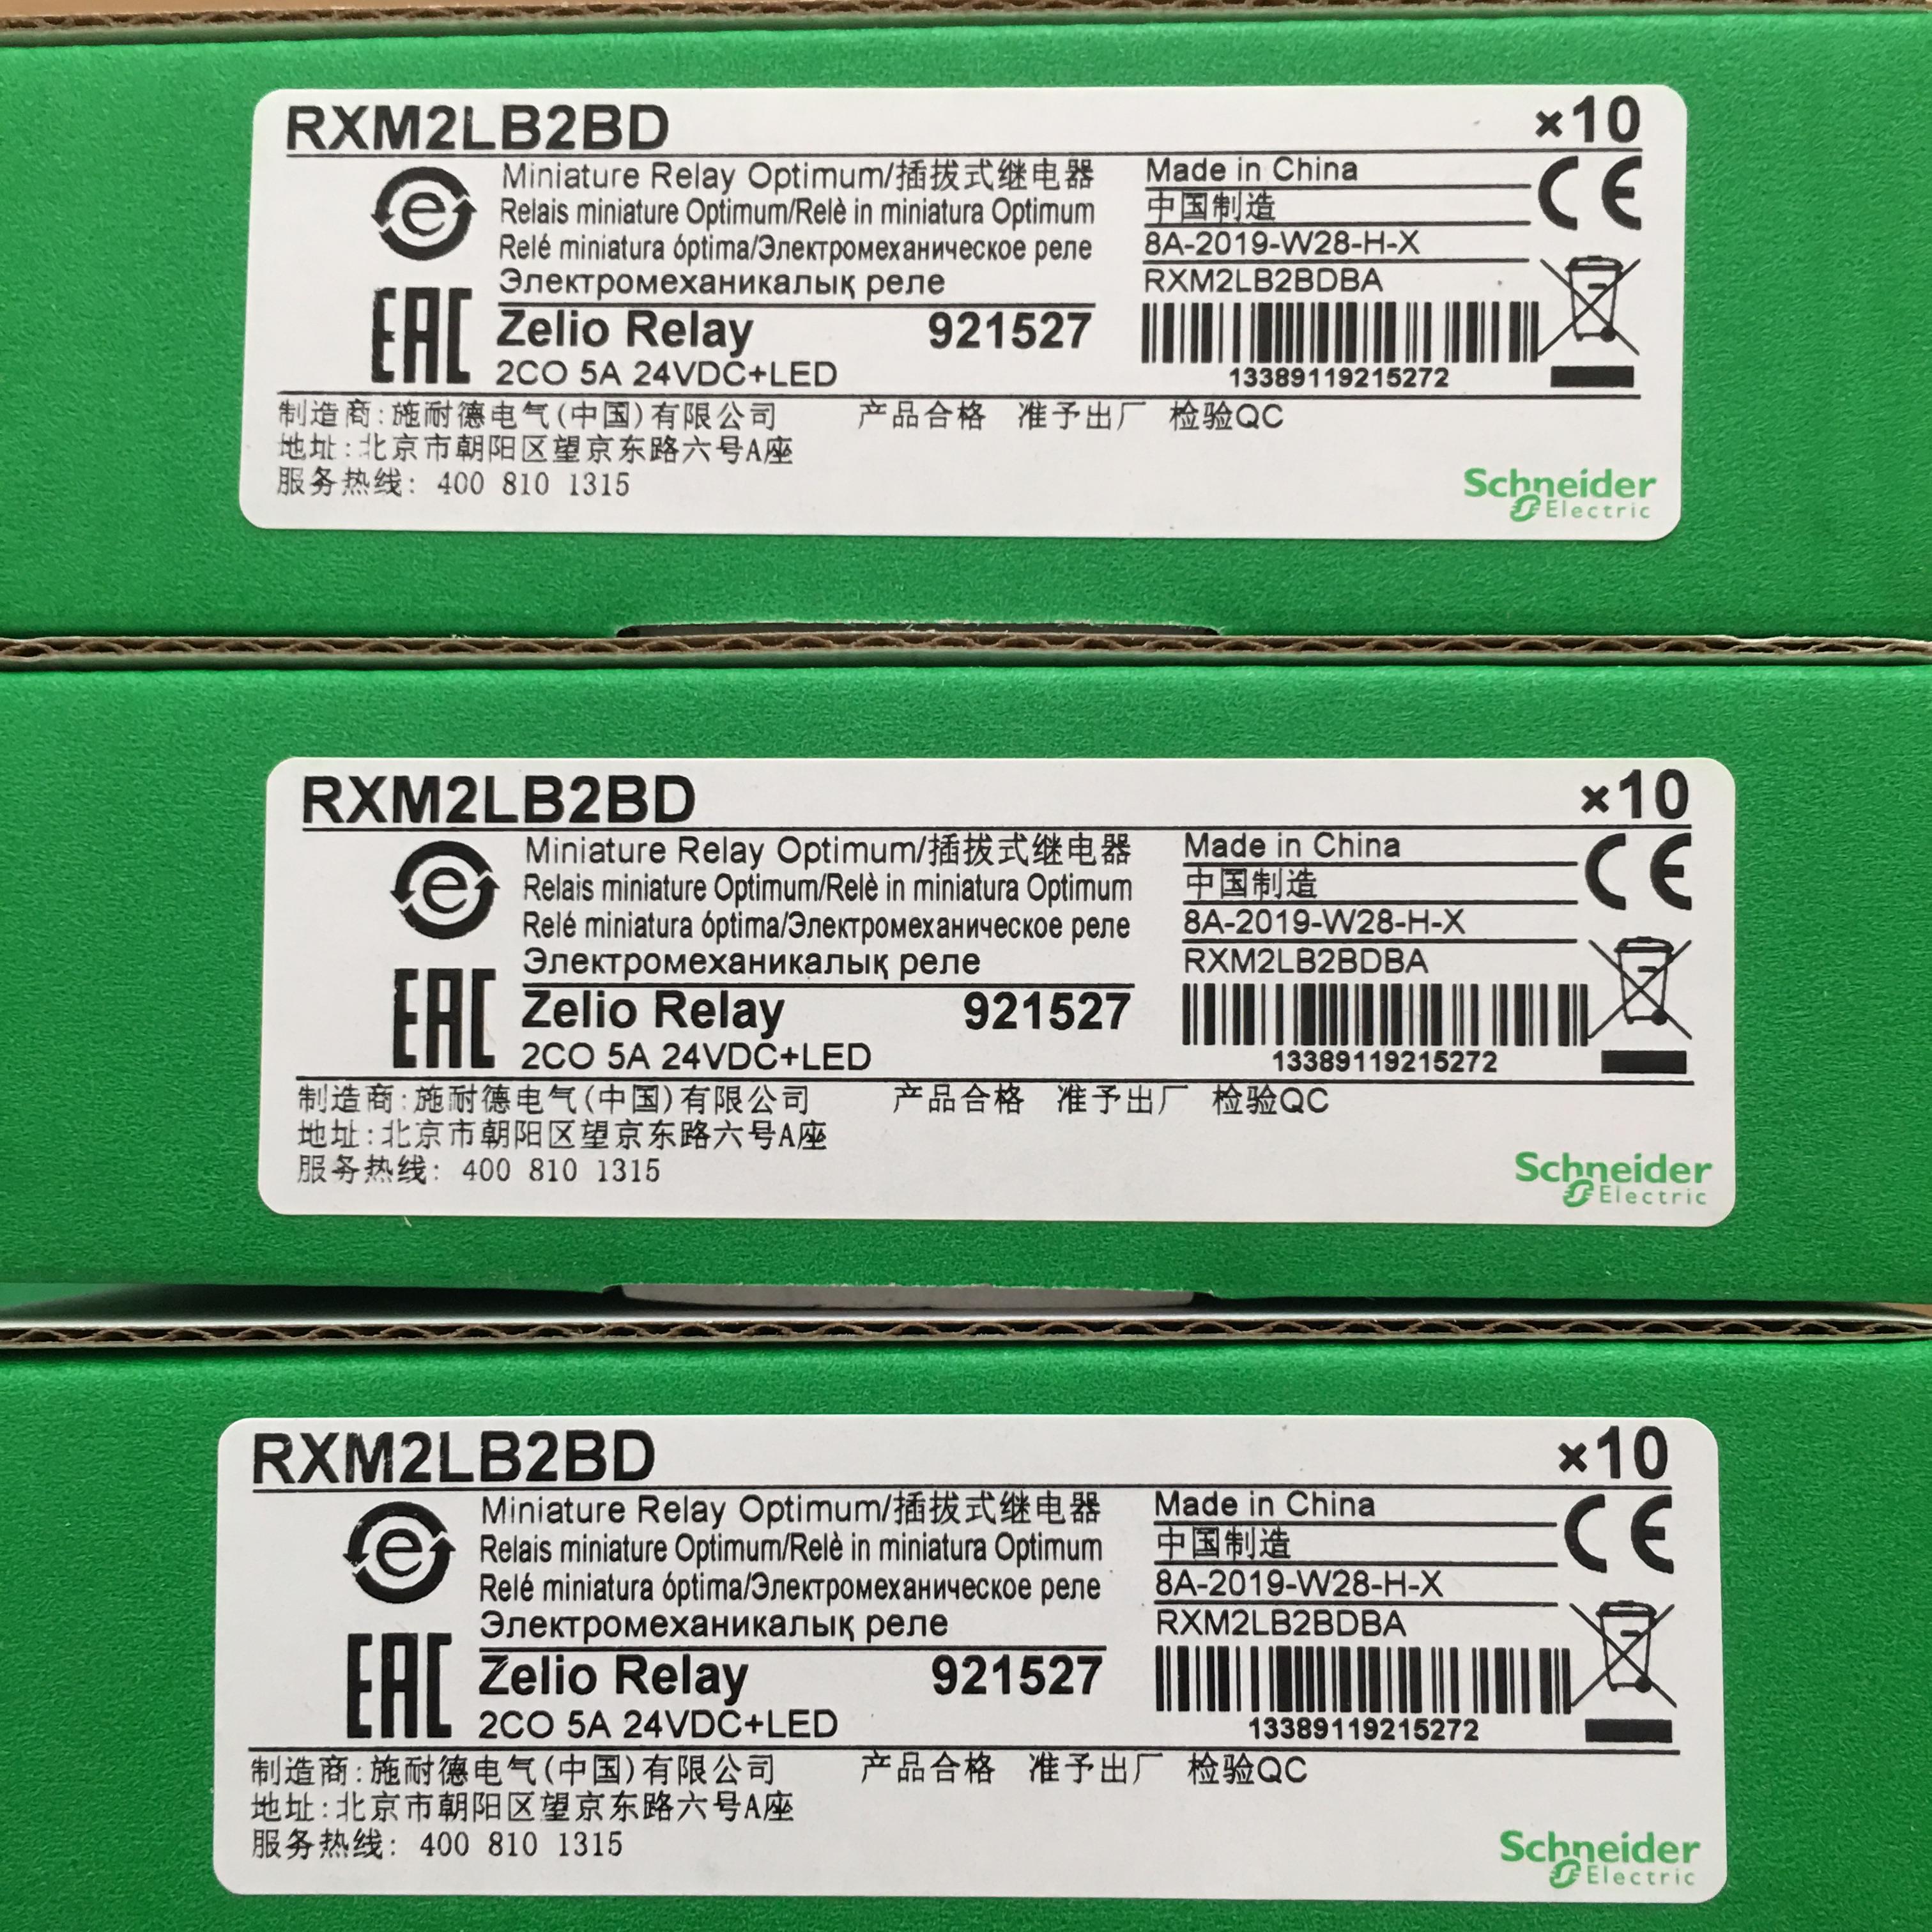 施耐德插拔式中间继电器RXM2LB2BD